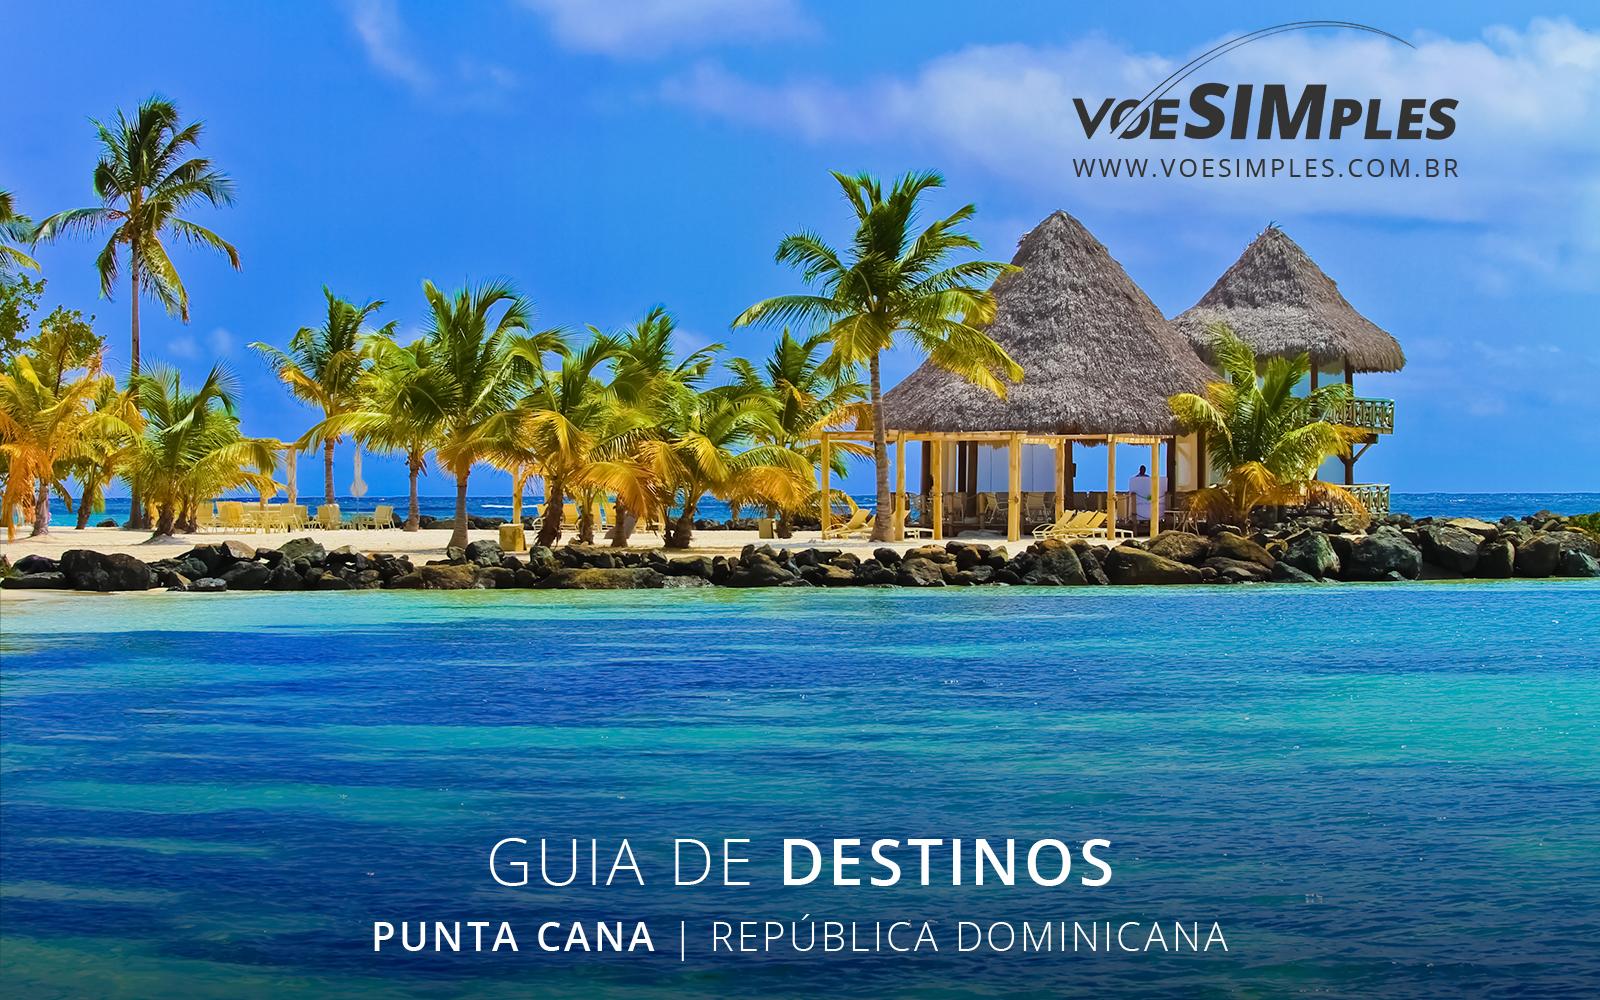 fotos-guia-destinos-voe-simples-punta-cana-caribe-guia-viagens-voesimples-punta-cana-caribe-pontos-turisticos-punta-cana-caribe-fotos-punta-cana-01@2x